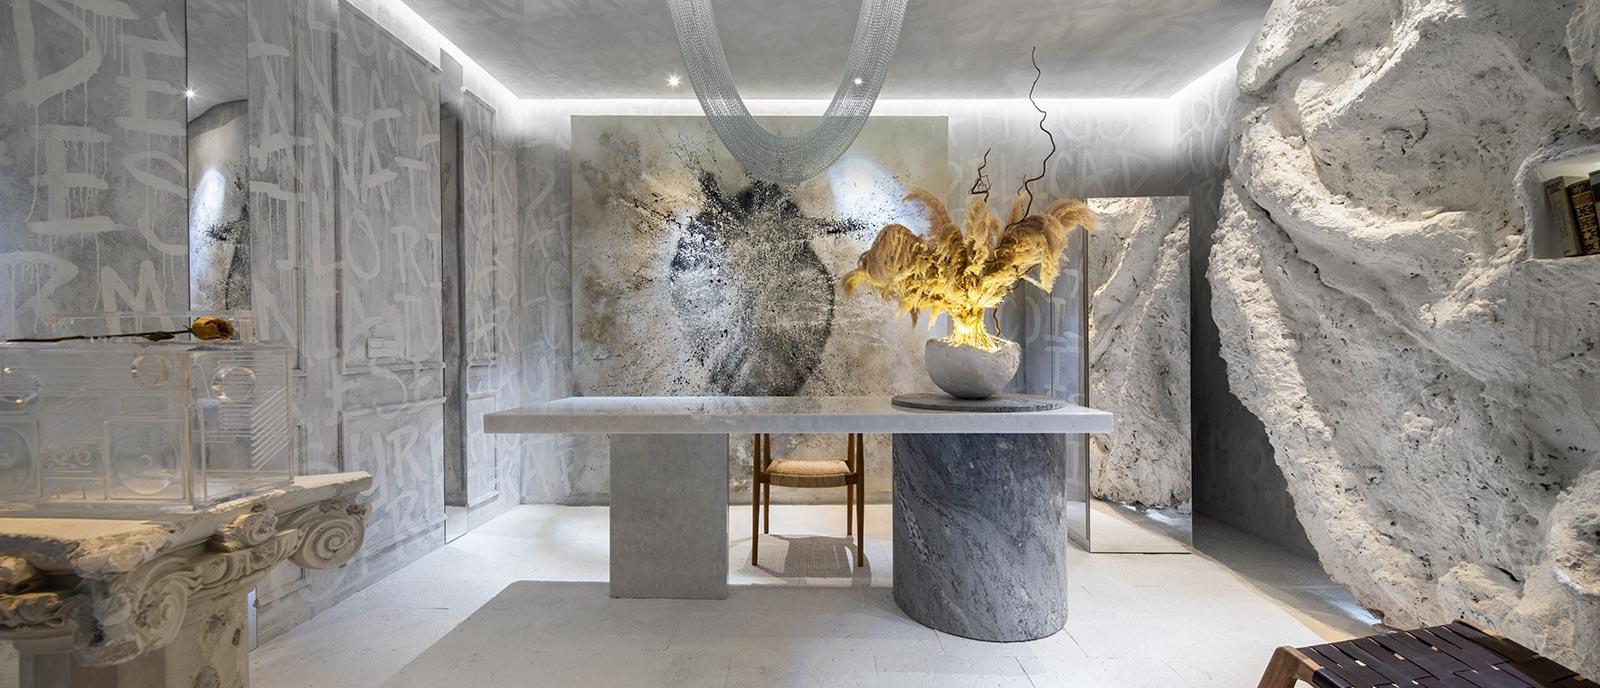 Casa Decor 2021: Espacios elegantes de Diseñadores de Interiores lujuosos casa decor 2021 Casa Decor 2021: Espacios elegantes de Diseñadores de Interiores lujuosos 7